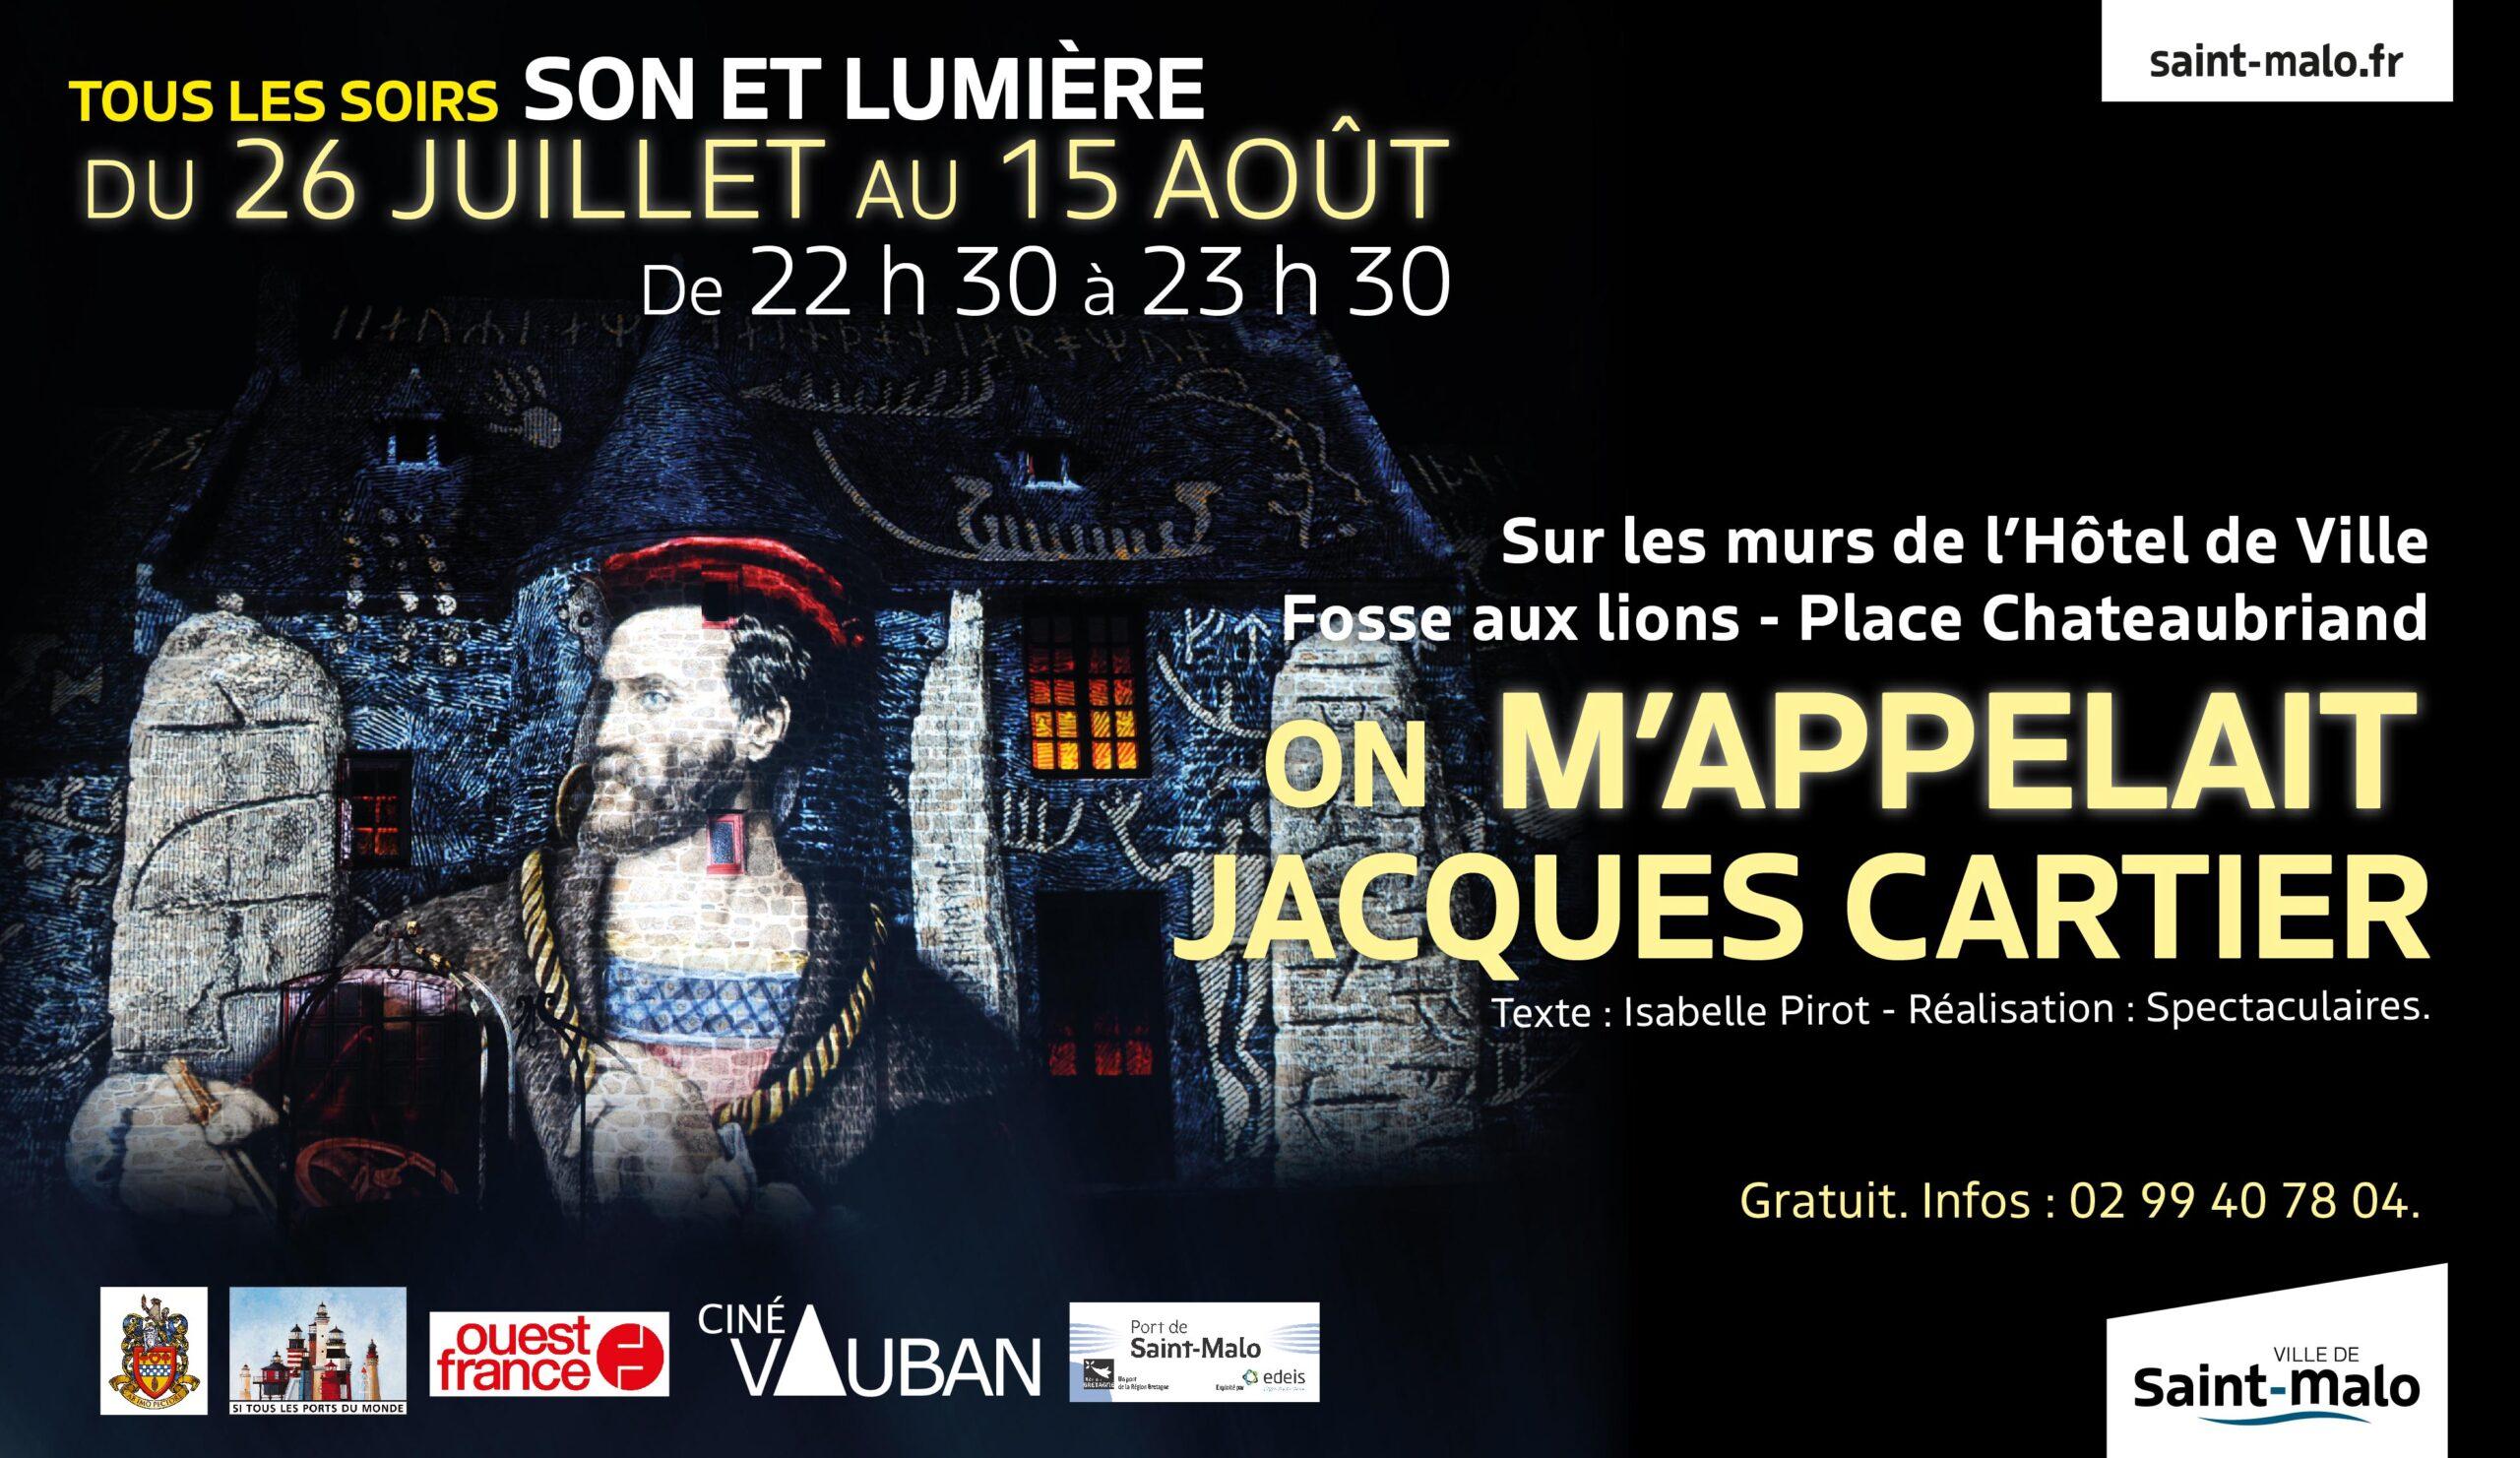 Spectacle son et lumière Jacques Cartier